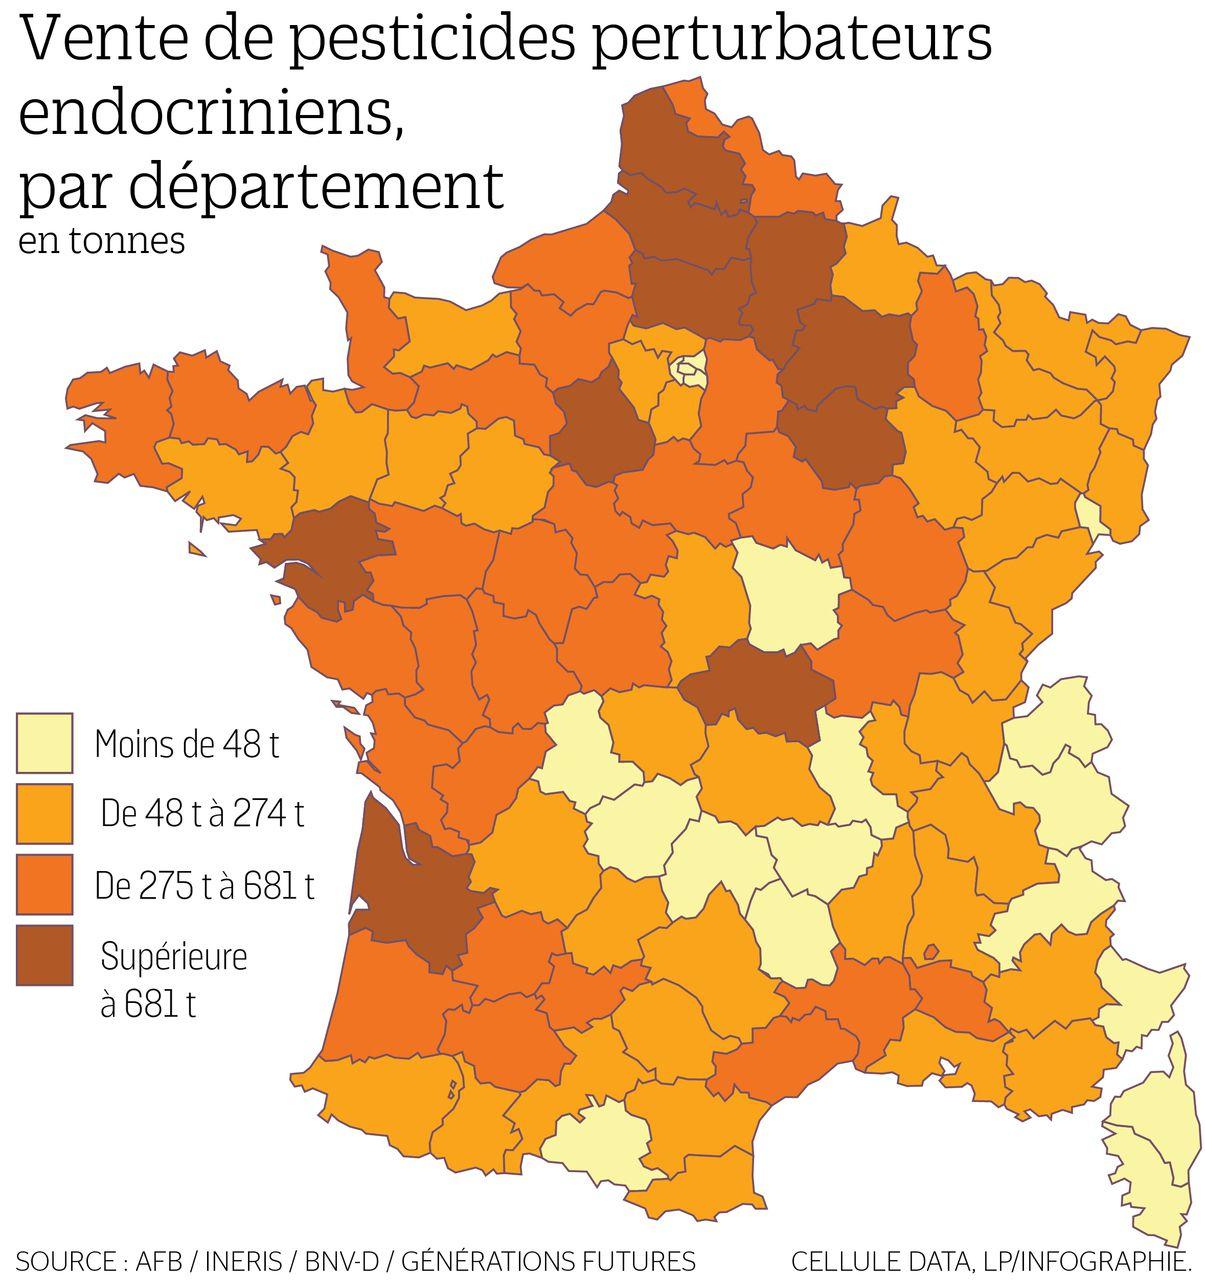 La Carte De France Des Départements Les Plus Consommateurs concernant Régions De France Liste